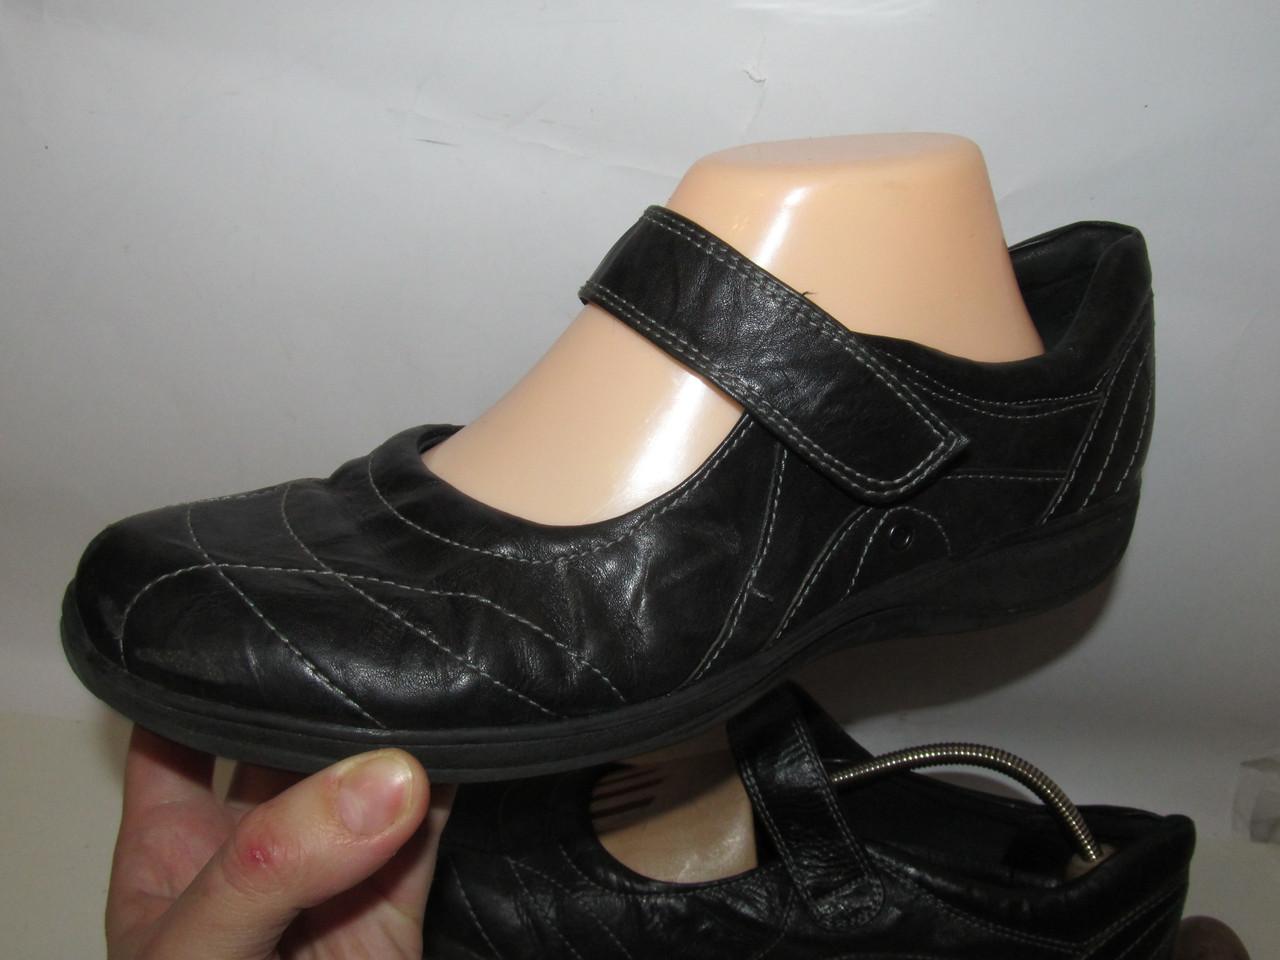 cee731629b0e MEDICUS  Германия  Кожа  качественные туфли   7р-26см Л6  продажа ...